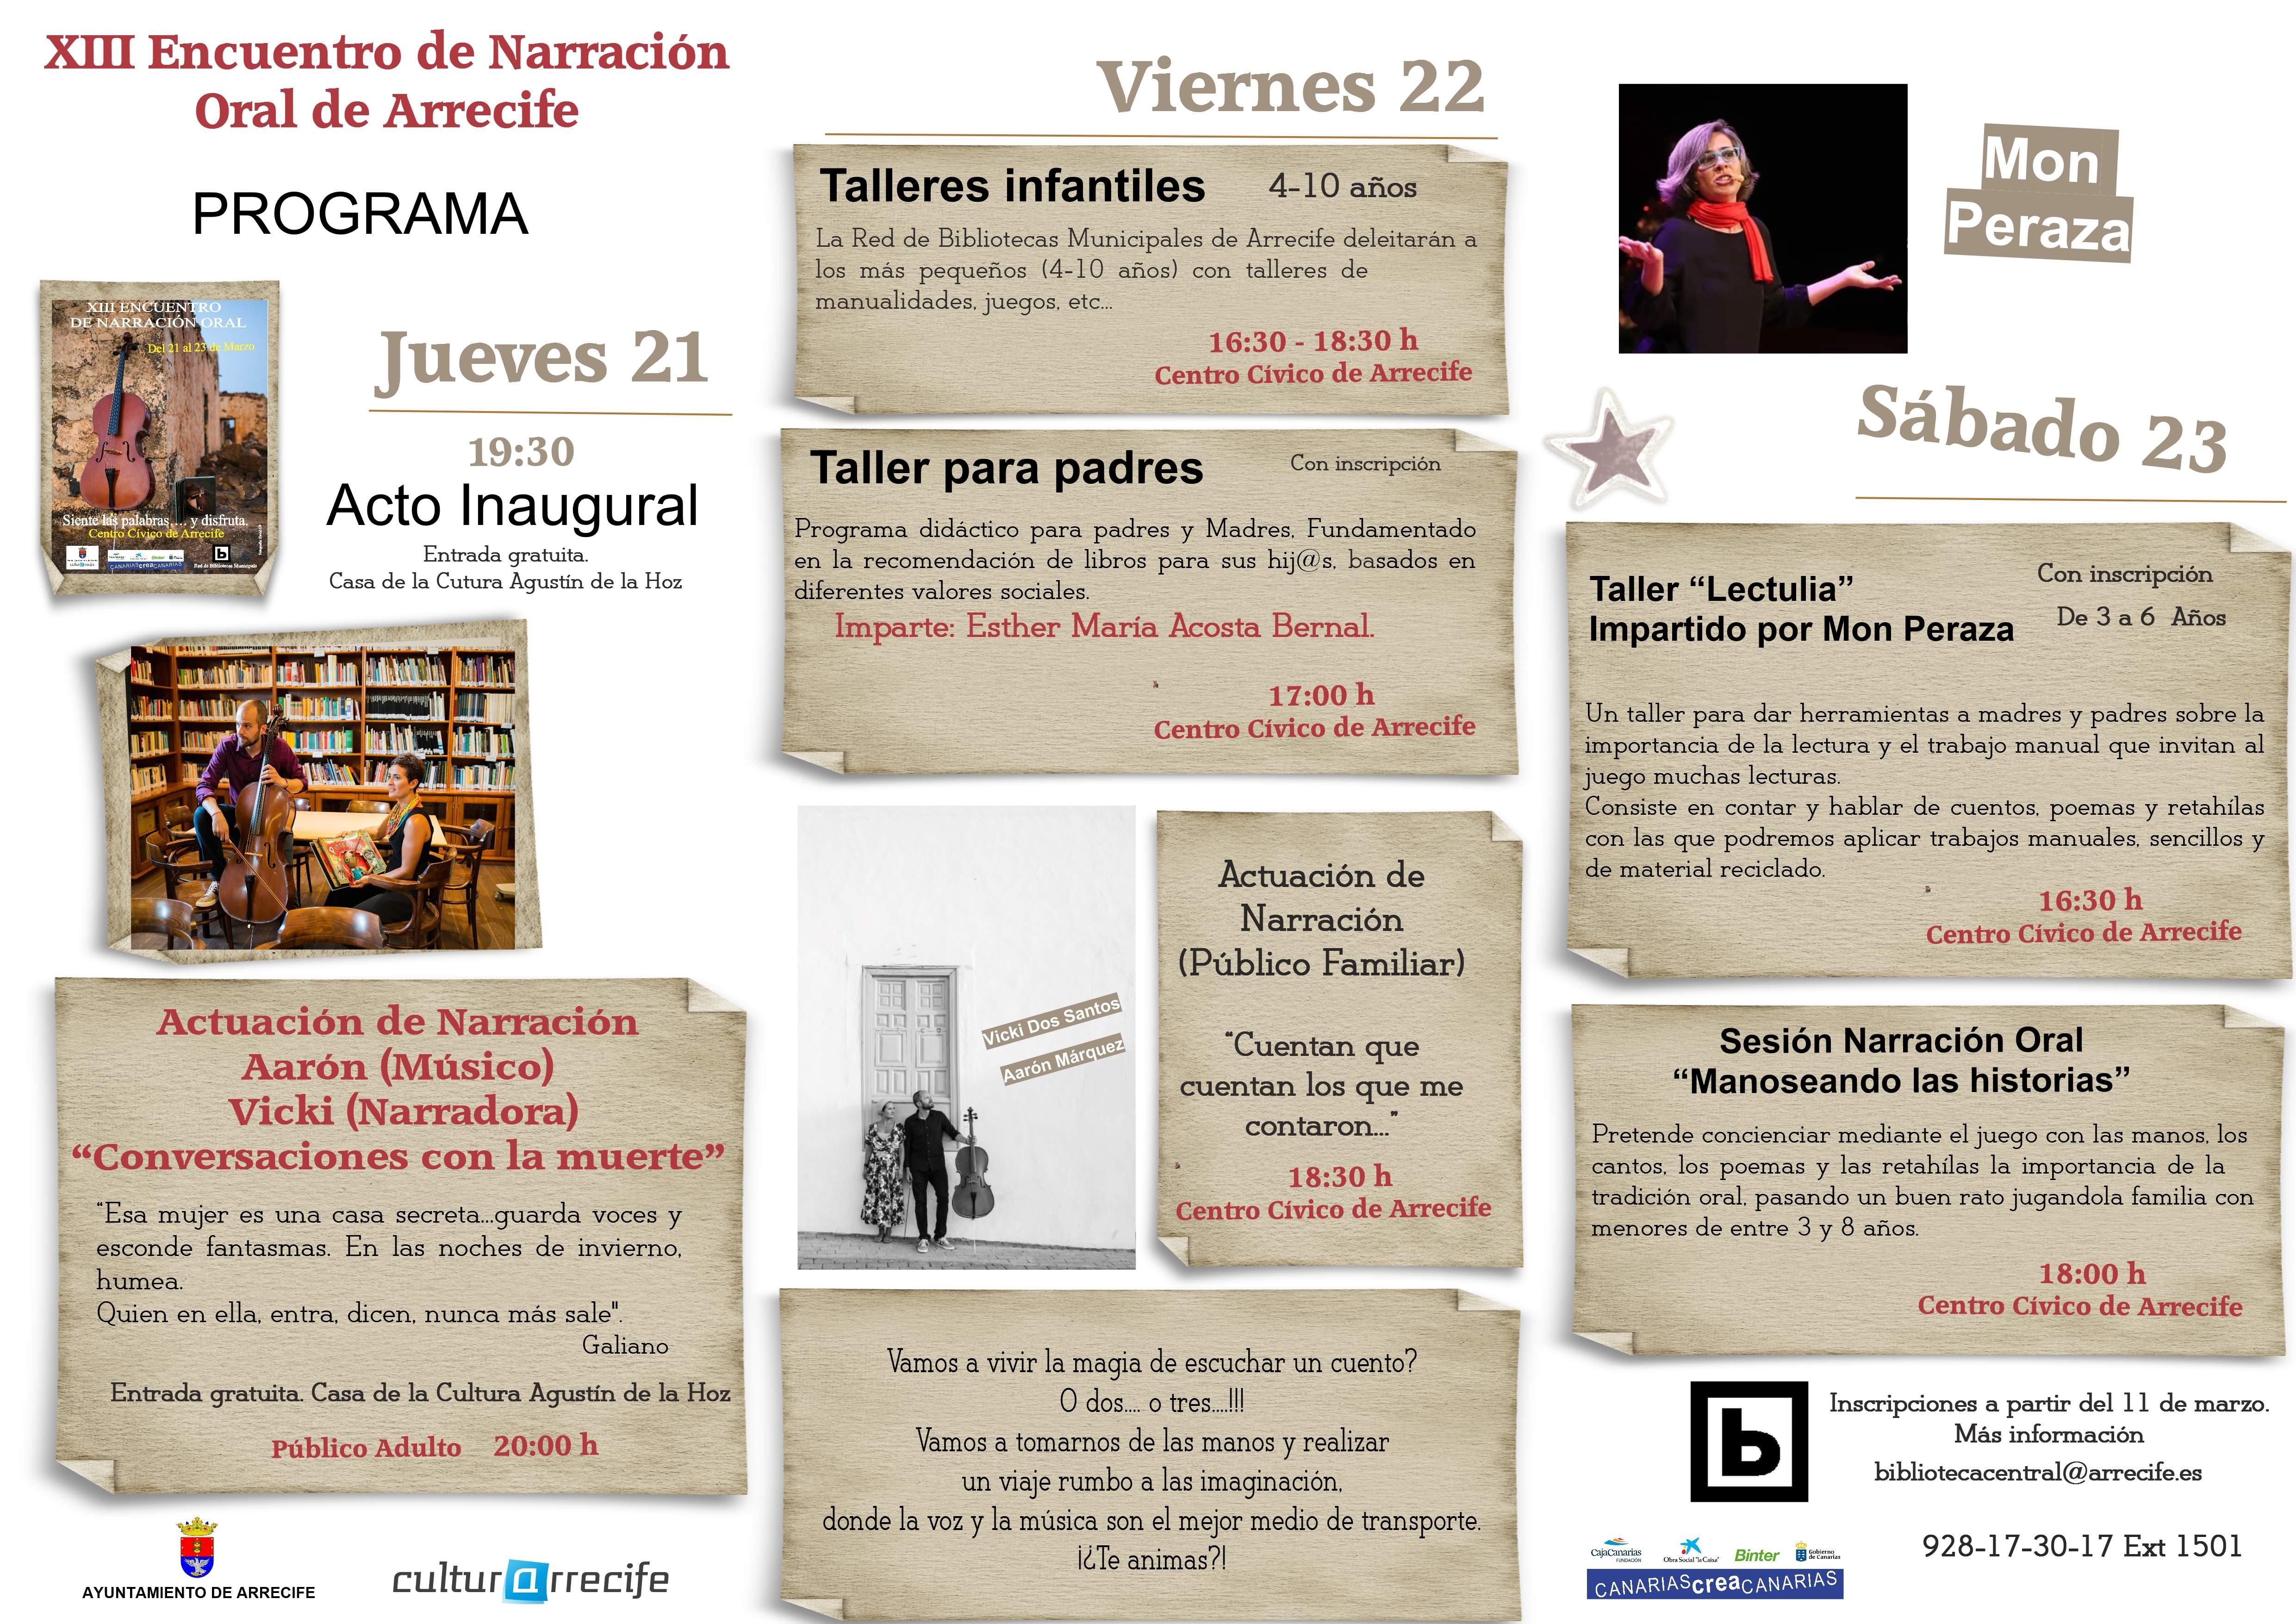 """""""Conversaciones con la muerte"""" para inaugurar el XIII Encuentro de Narración Oral"""